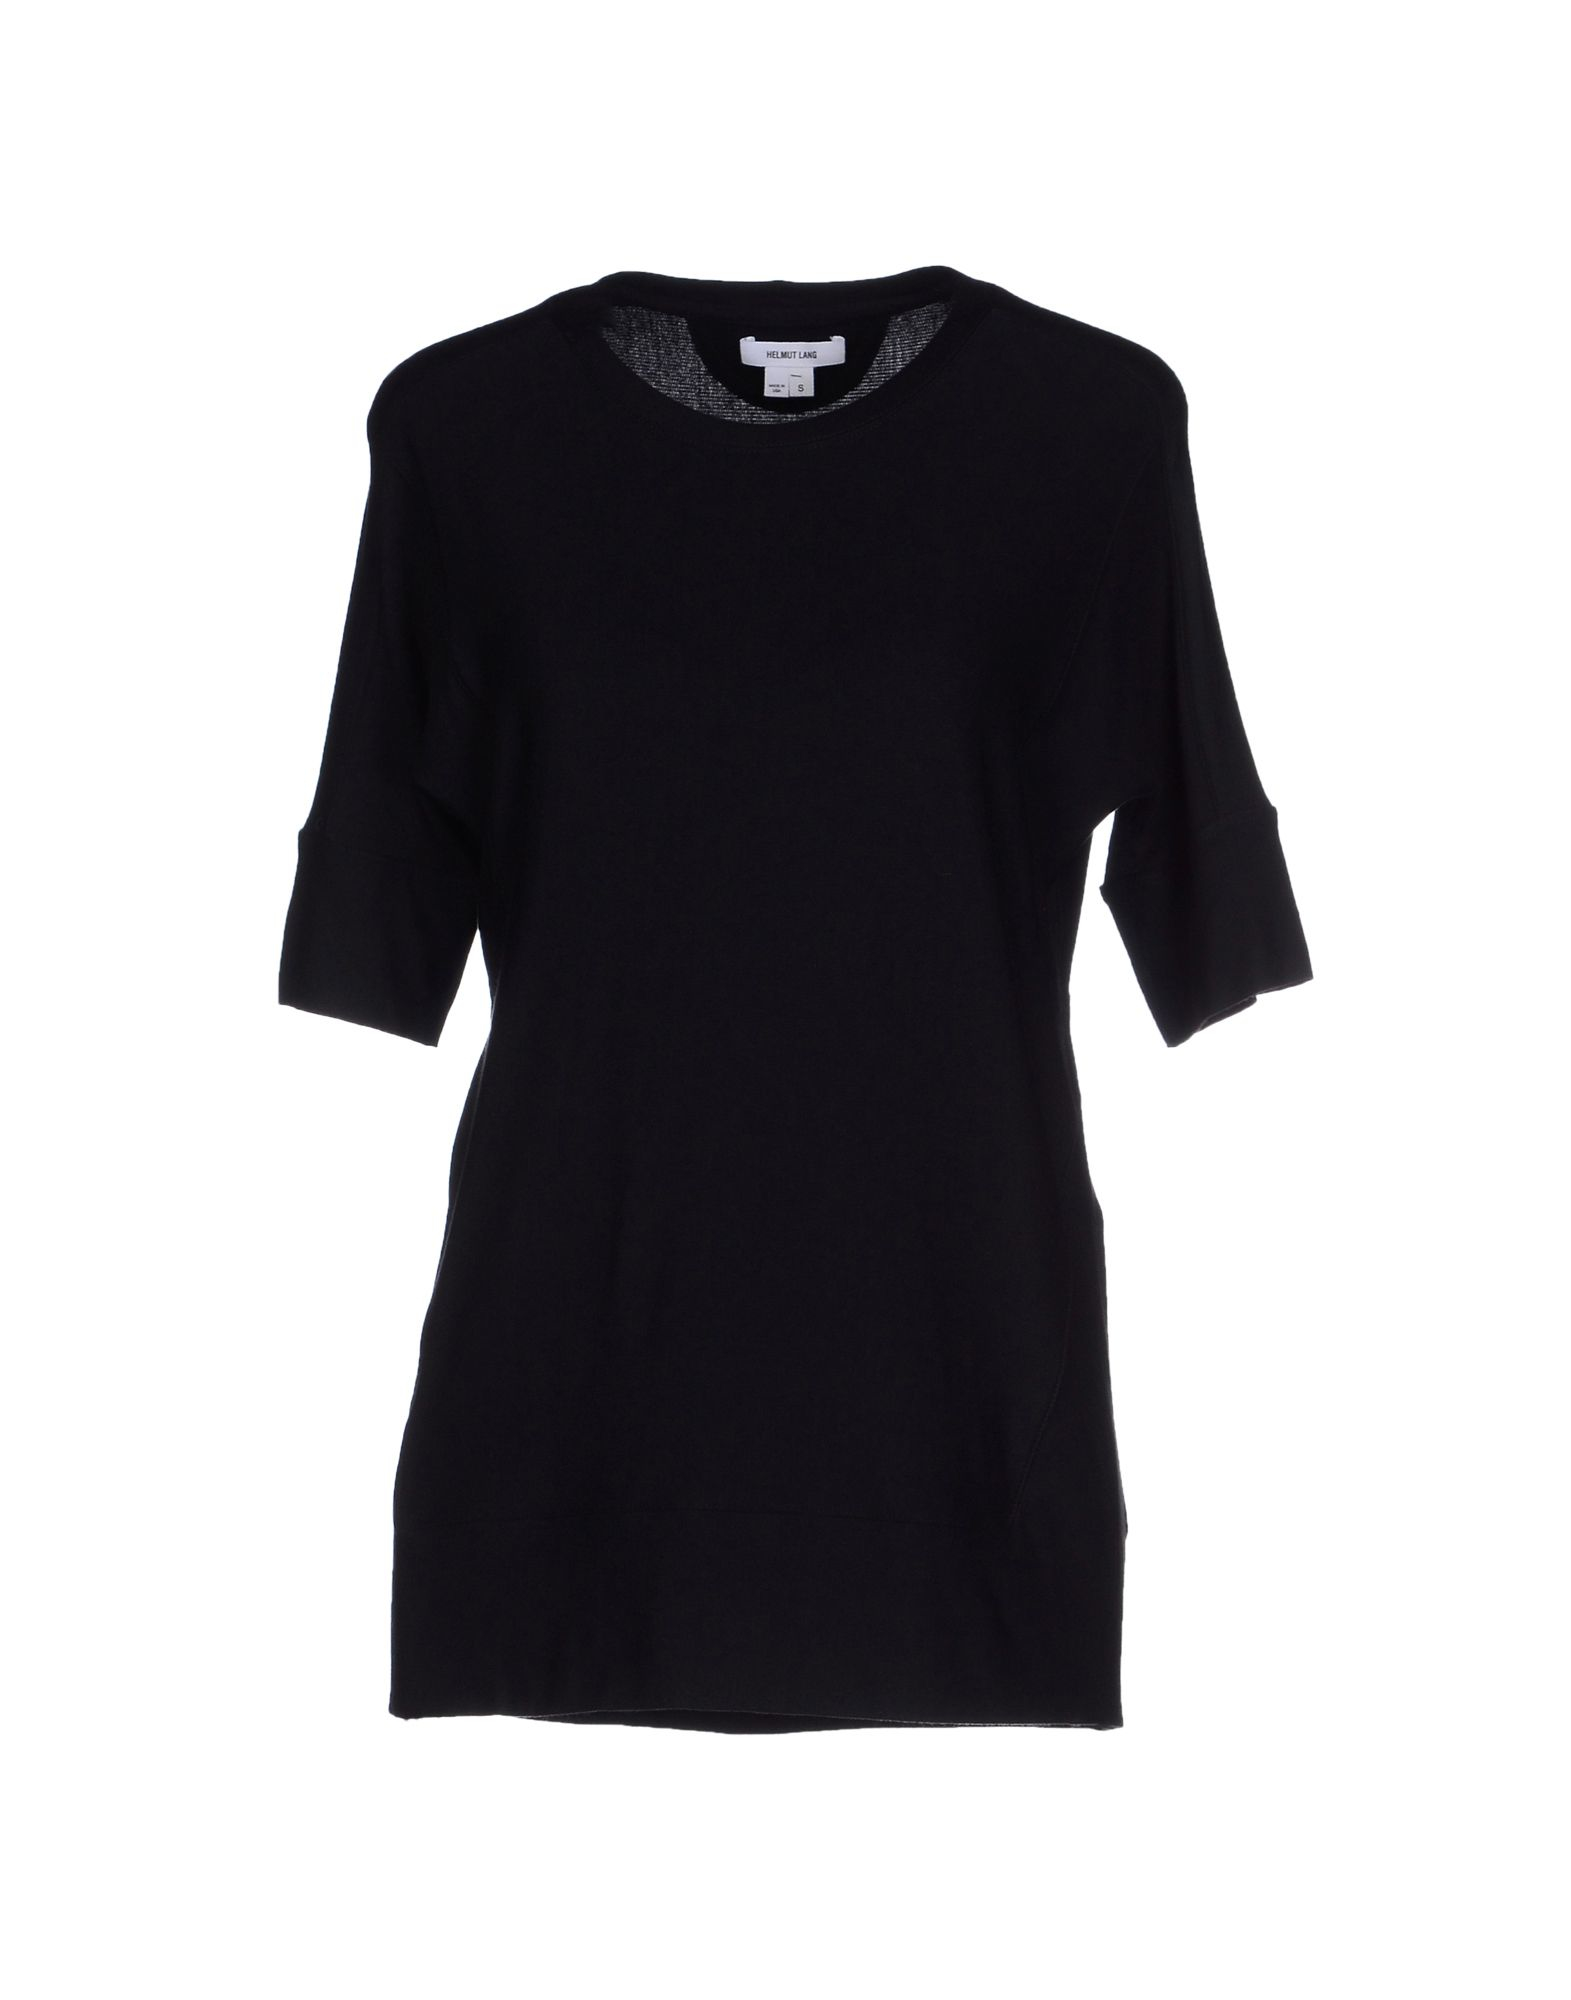 Helmut lang sweatshirt in black lyst for Sweatshirt kleid lang